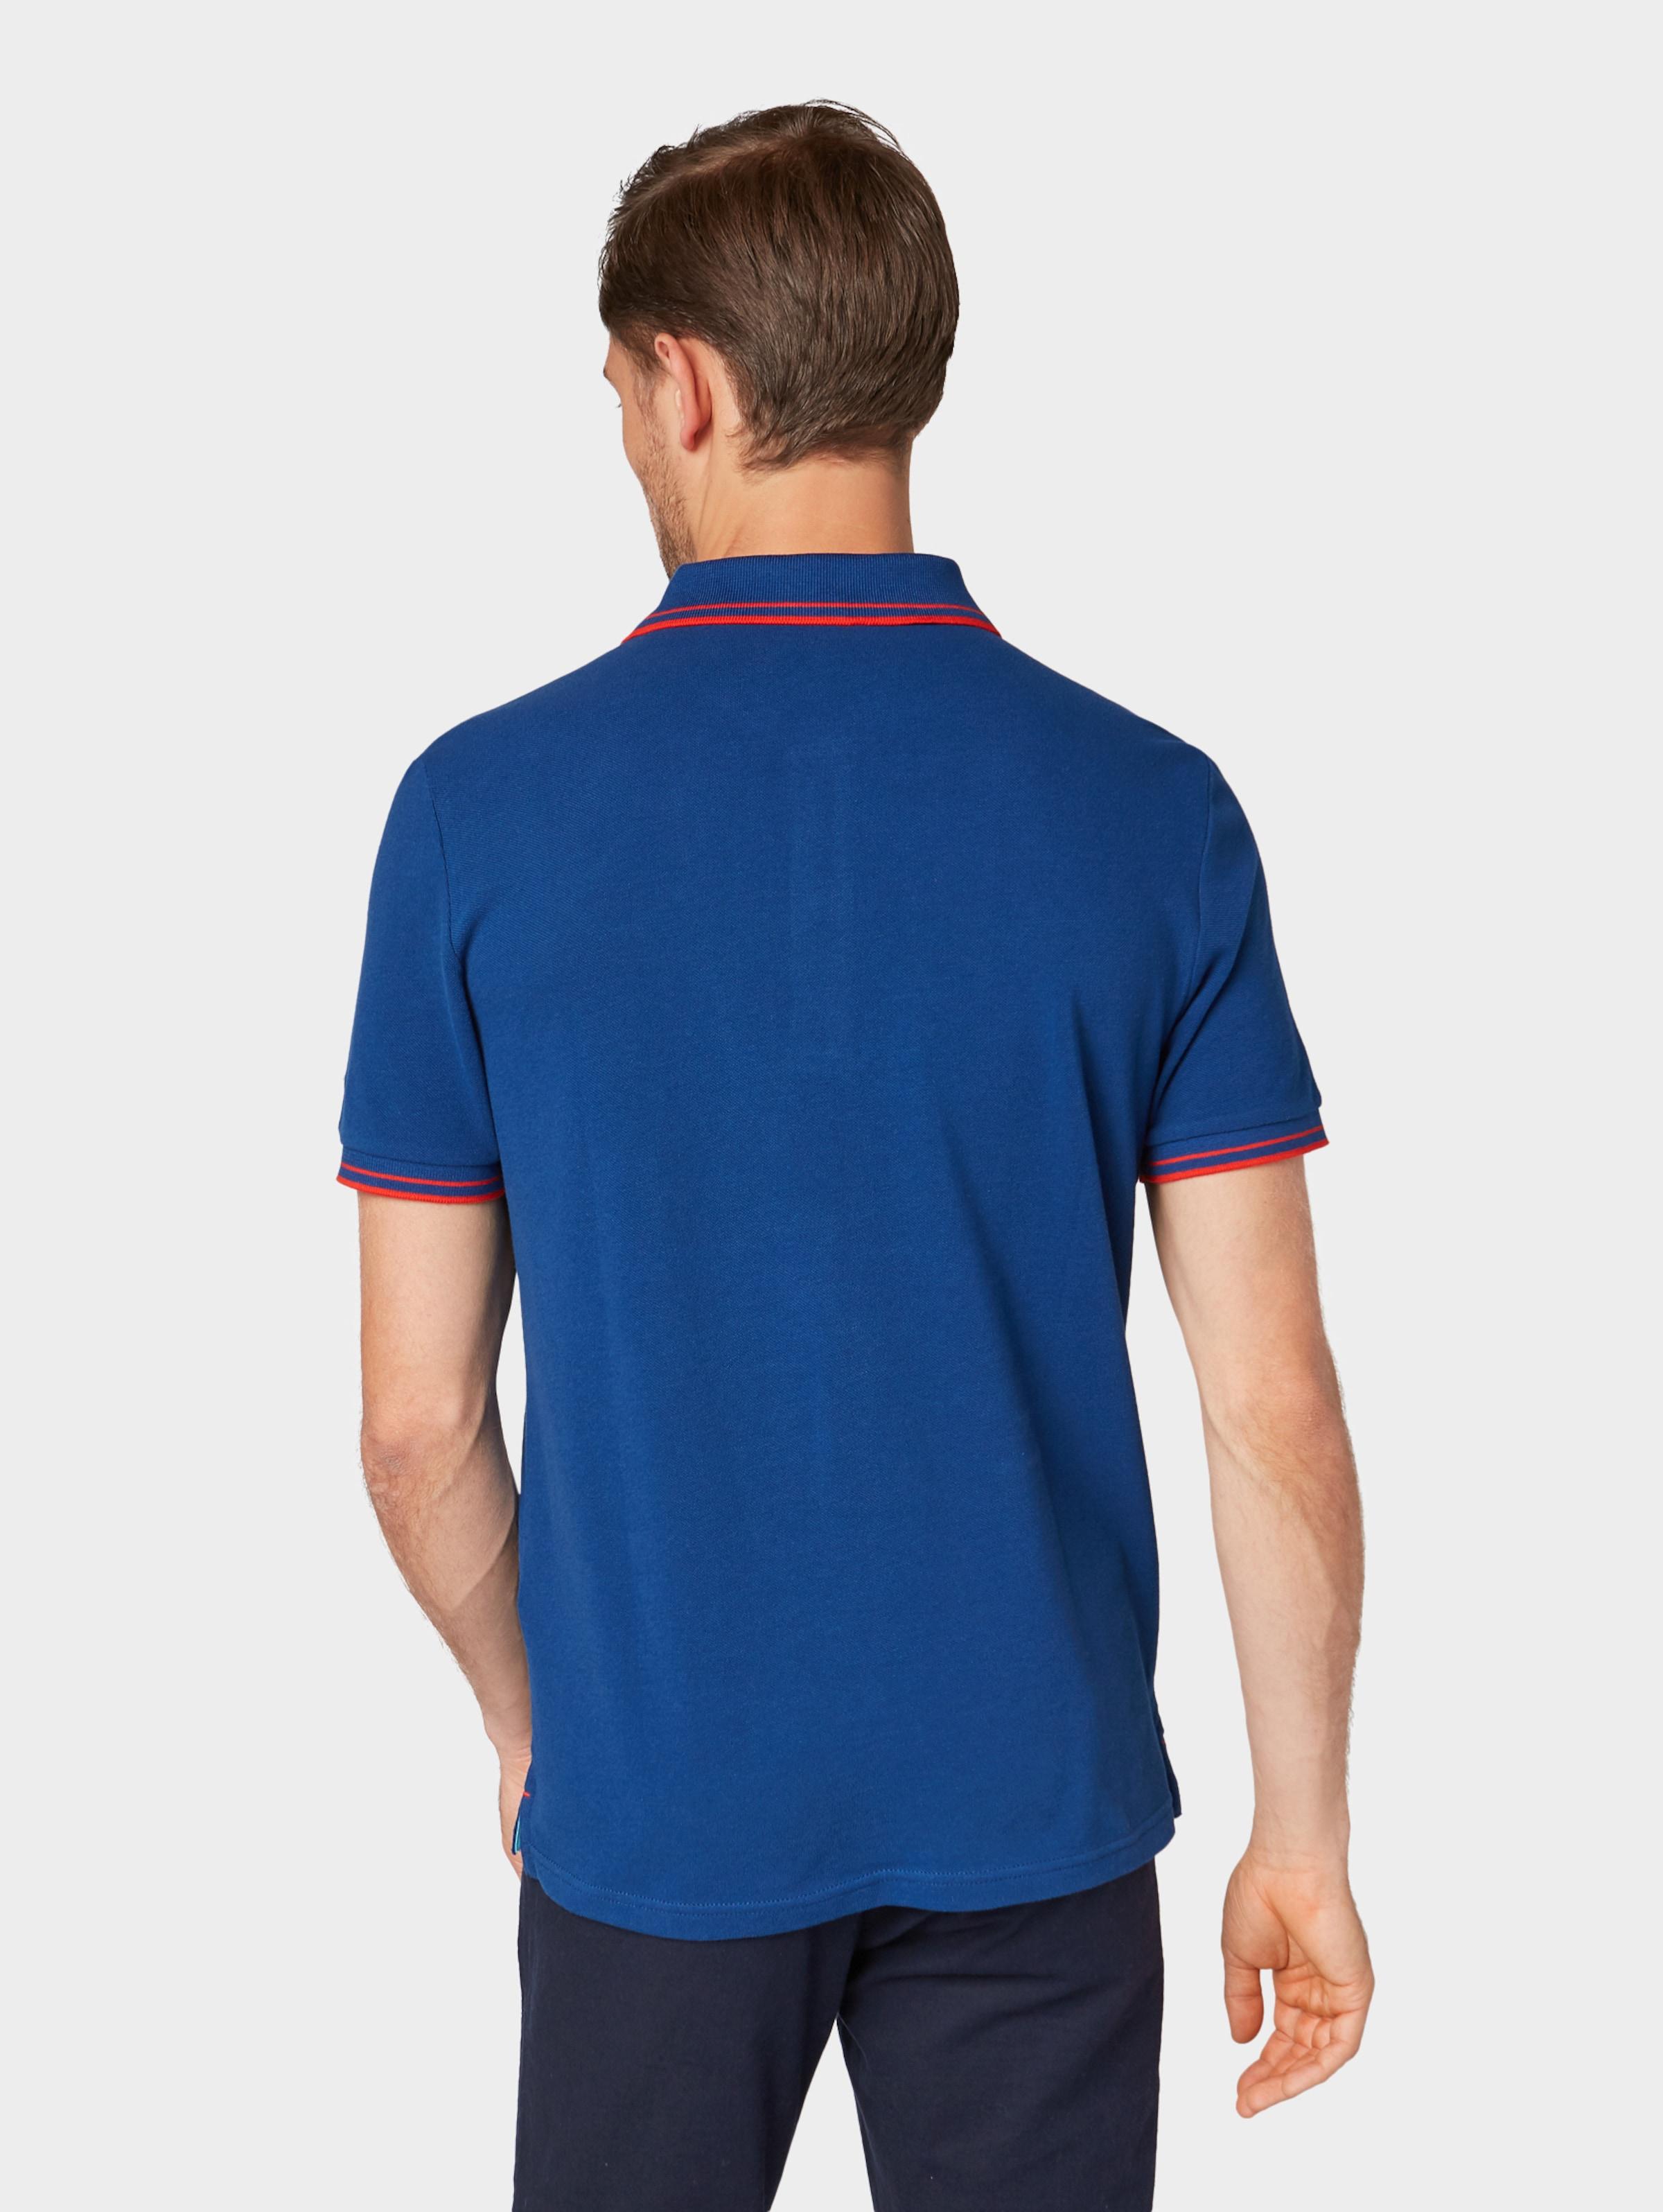 Poloshirt Poloshirt Tom In Tom Dunkelblau Tailor Tom Tailor In Poloshirt Tailor Dunkelblau ybfgY6v7